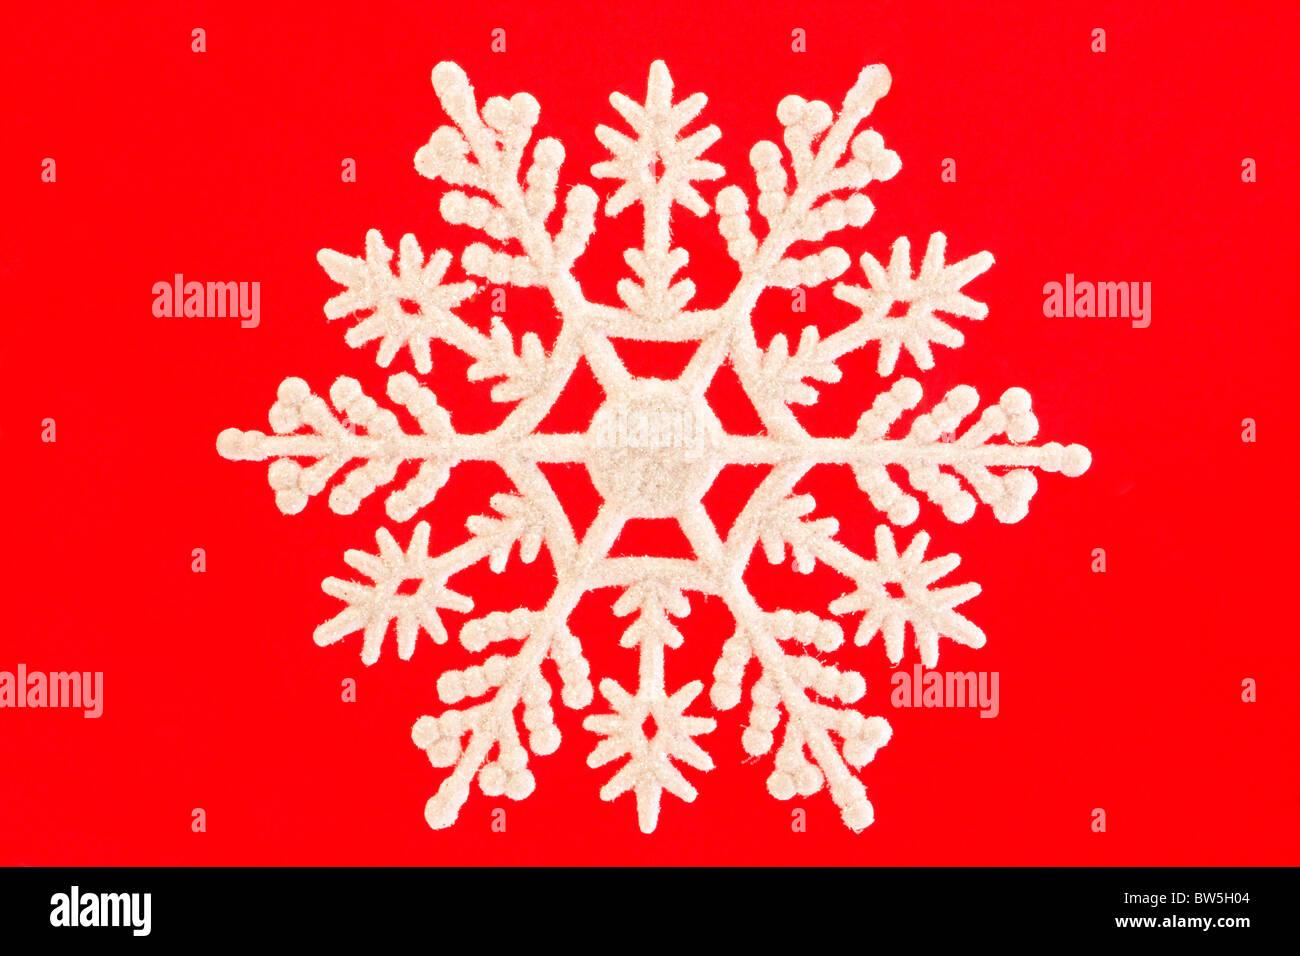 Singolo fiocco di neve bianca isolata su rosso Immagini Stock